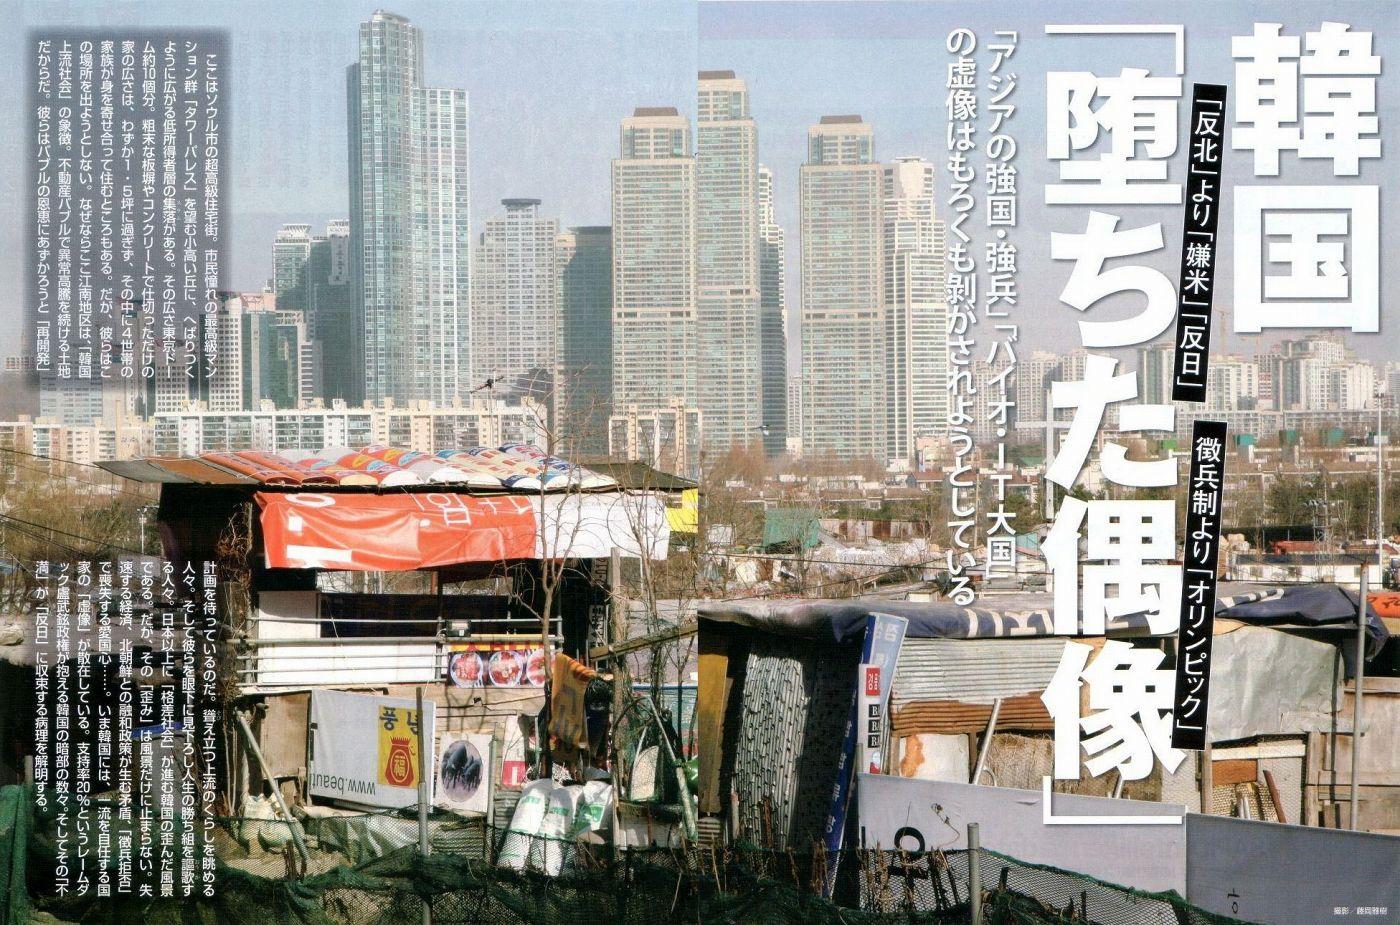 【大阪】「それだけ都心に住みたいというニーズが以前より増えている」大阪市内タワマンバブル?心斎橋の物件は半数が大阪以外から購入★3 YouTube動画>5本 ->画像>198枚